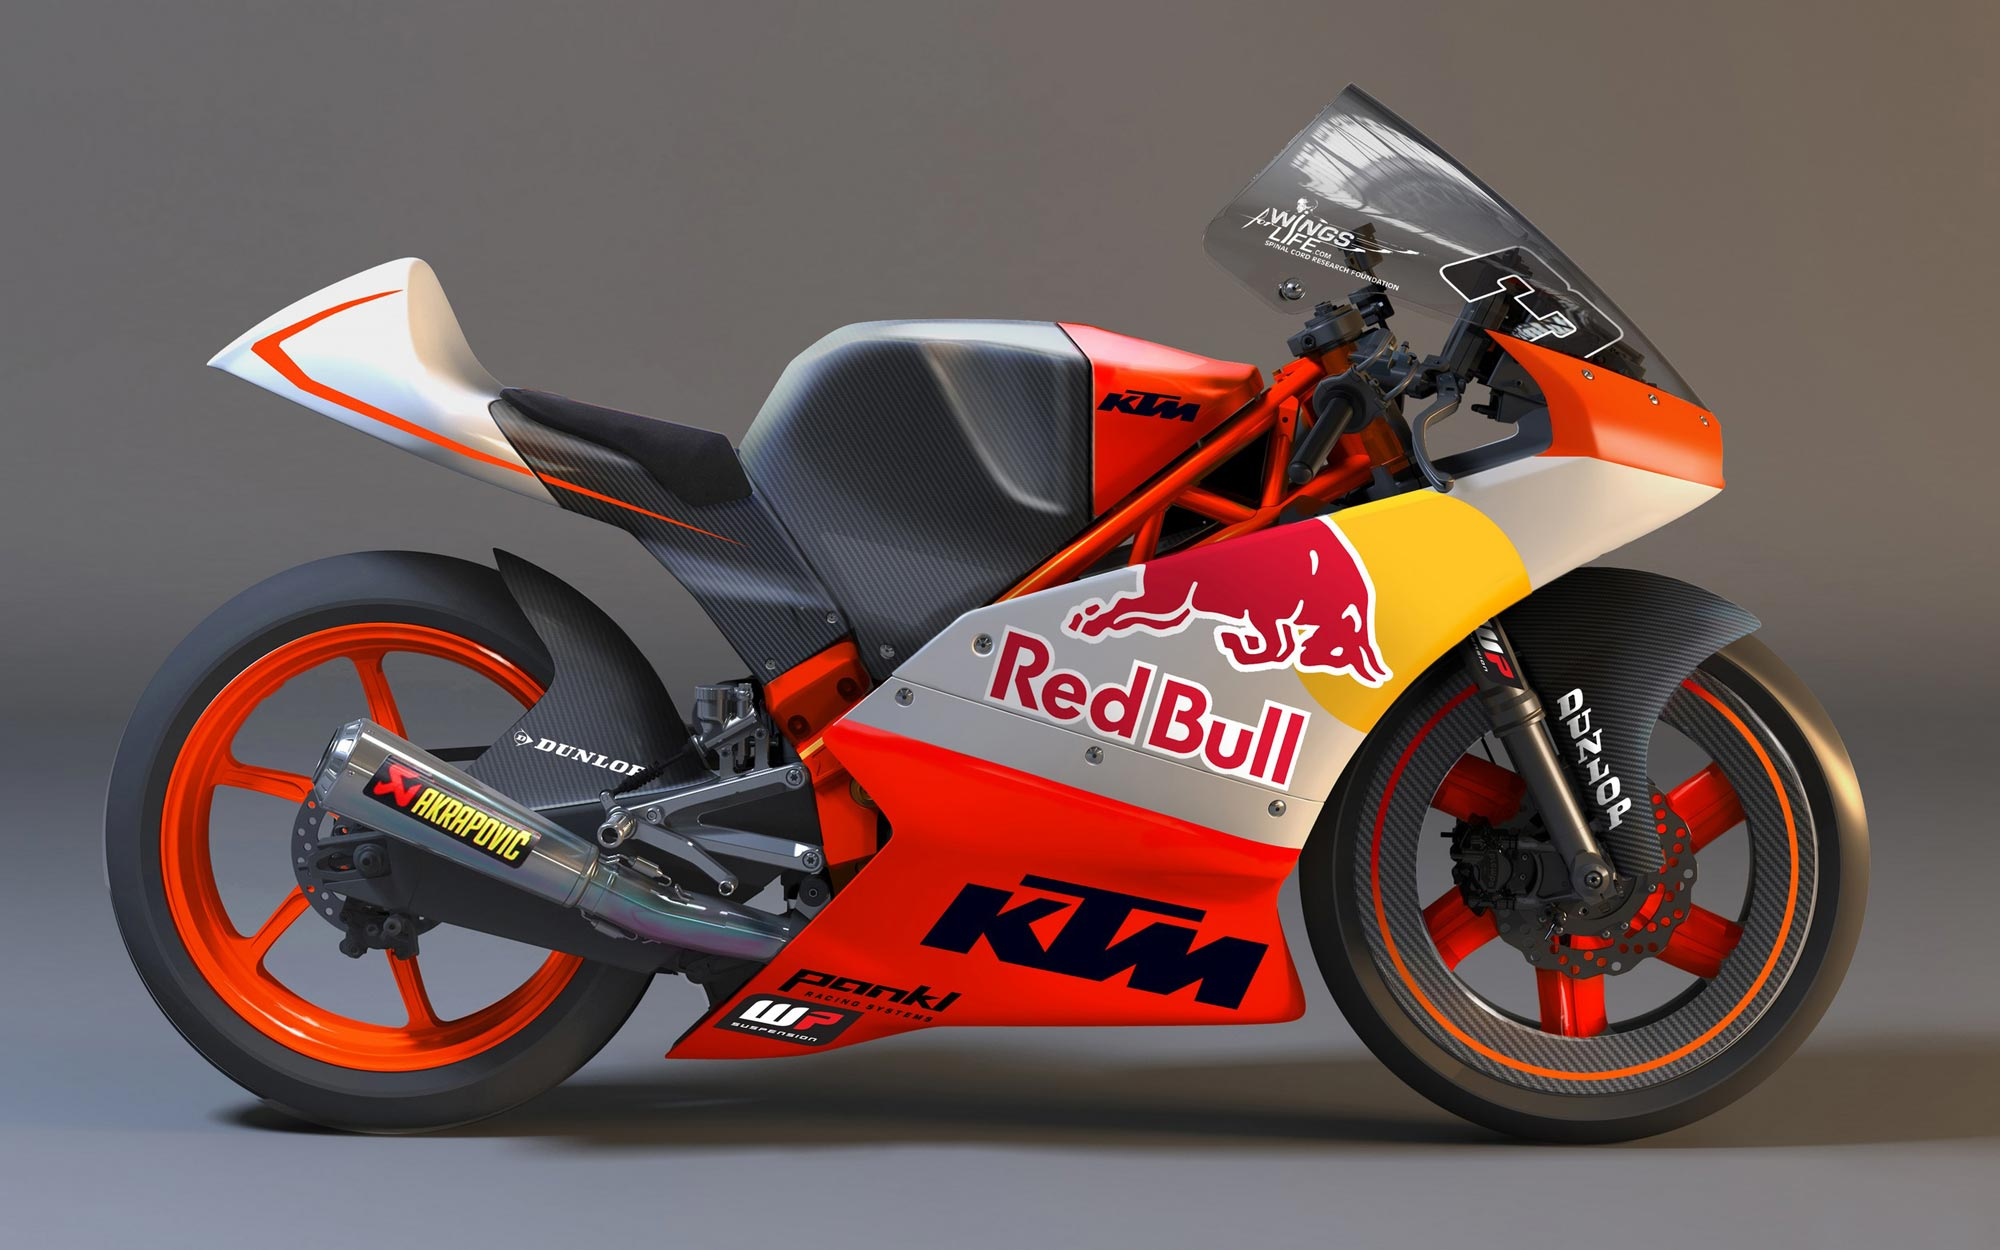 Confirmed: KTM 350 Duke in 2013 - Moto3 Inspired 350cc ... Race Bike Photos 2013